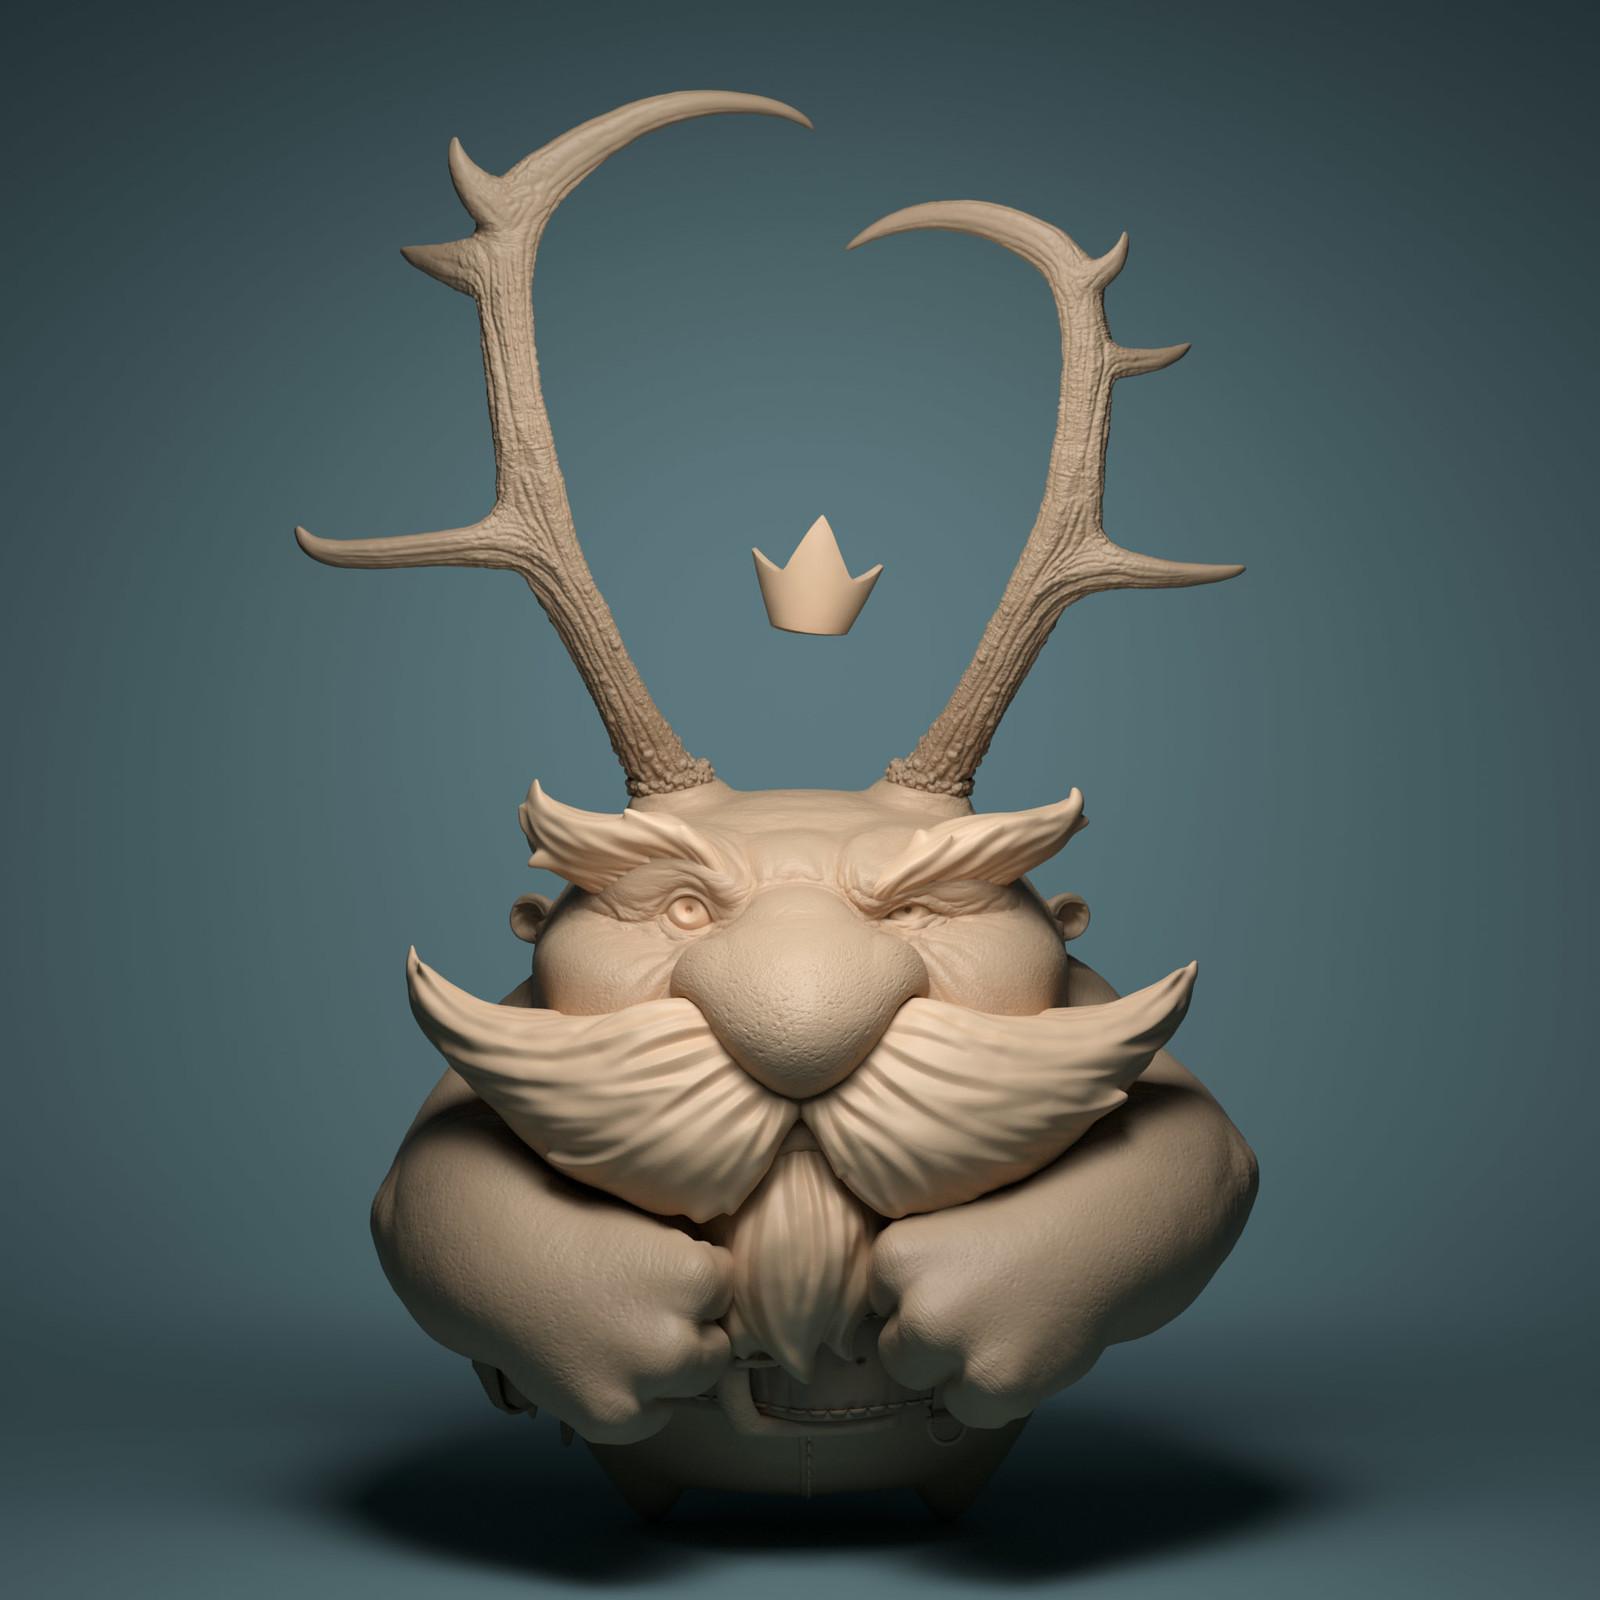 Mountain King sculpt